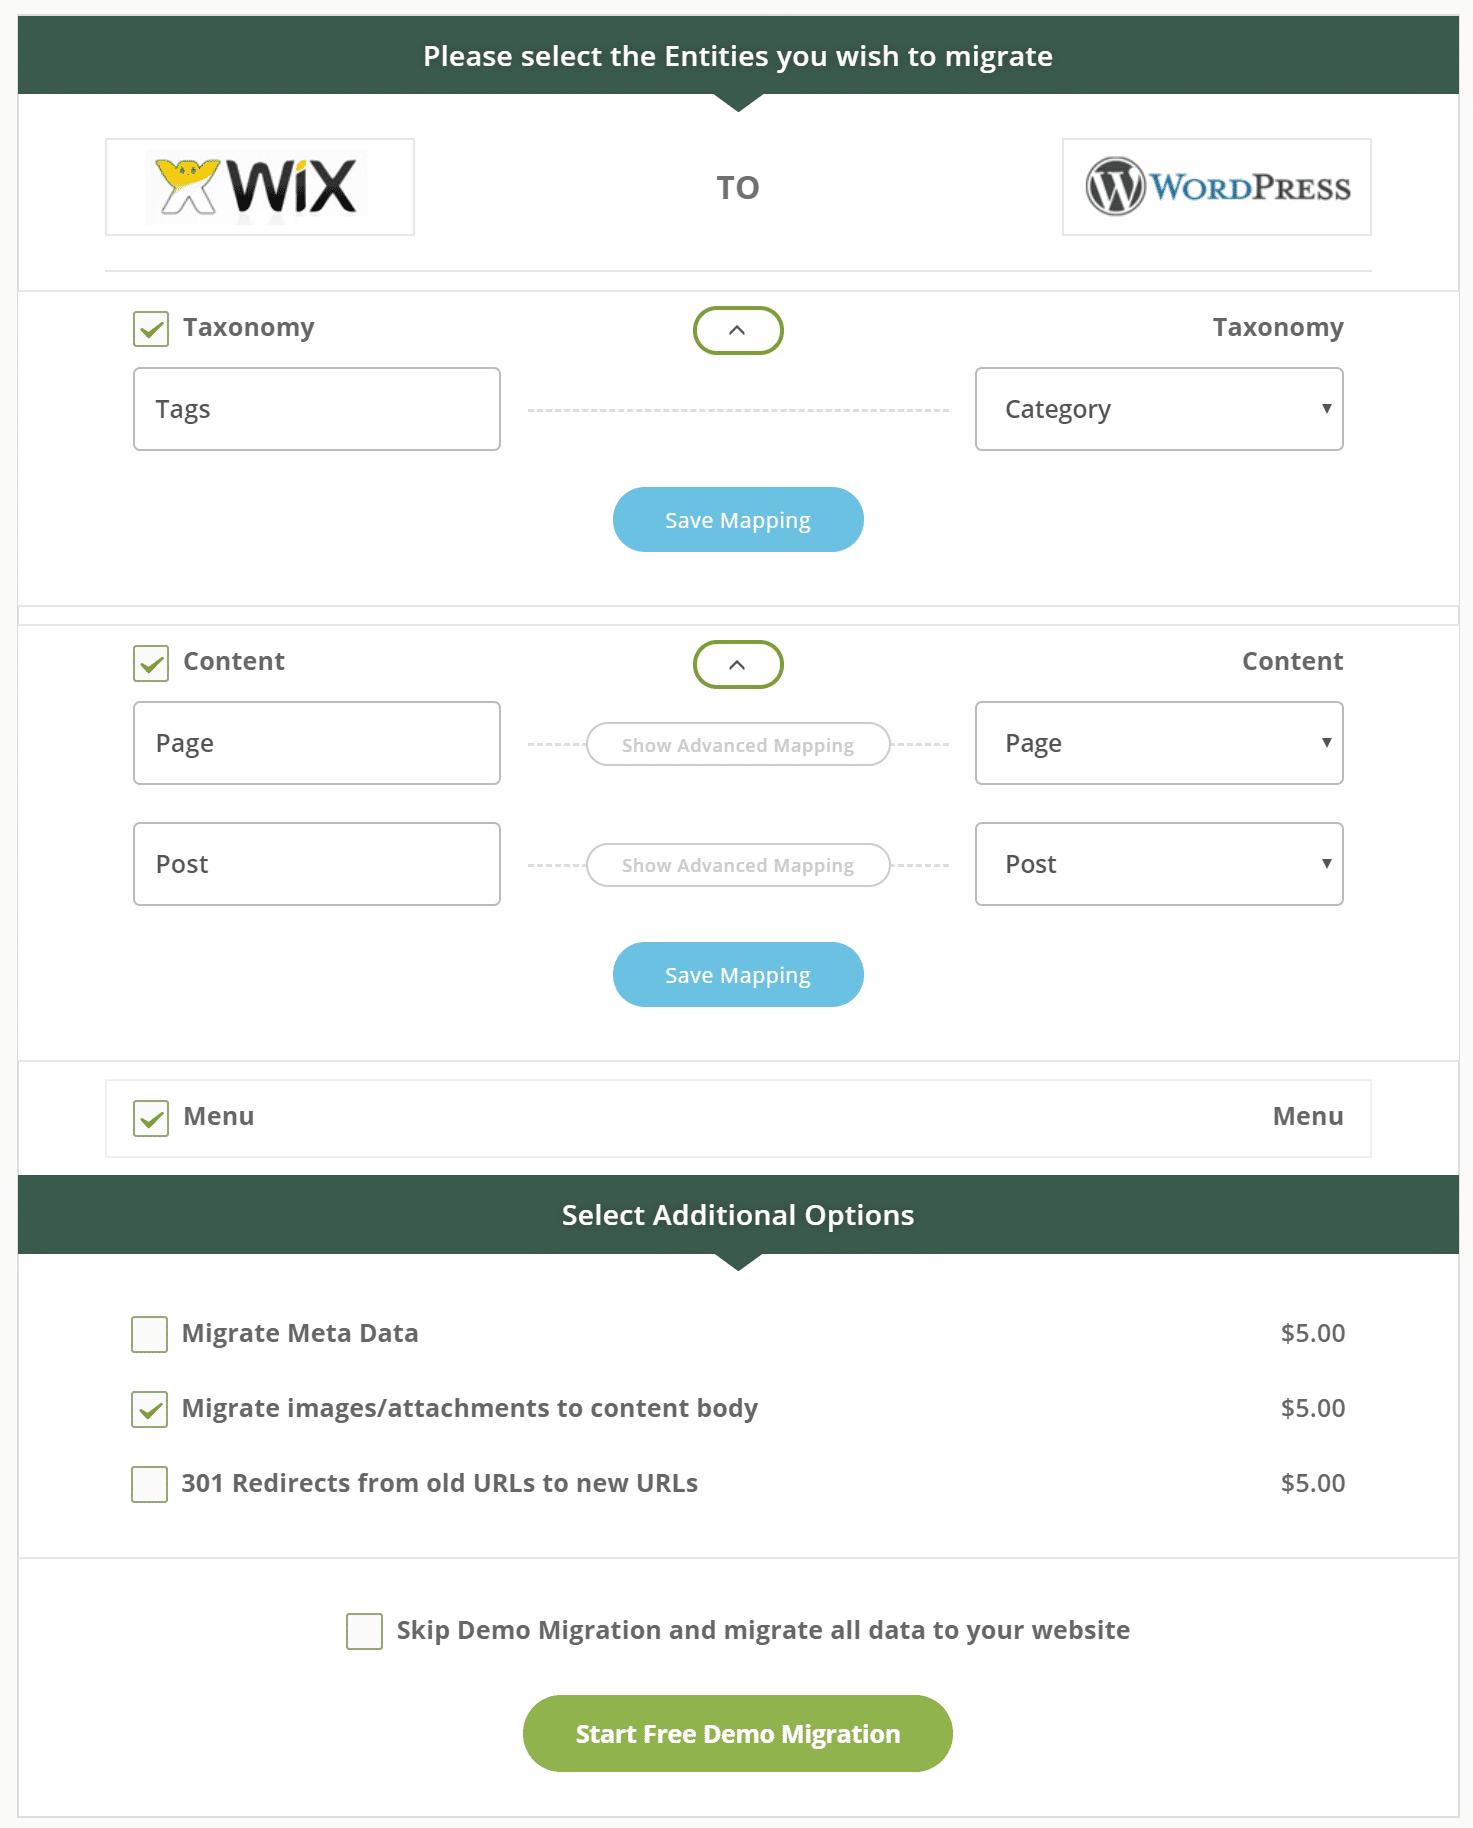 Entidades de migração Wix para WordPress